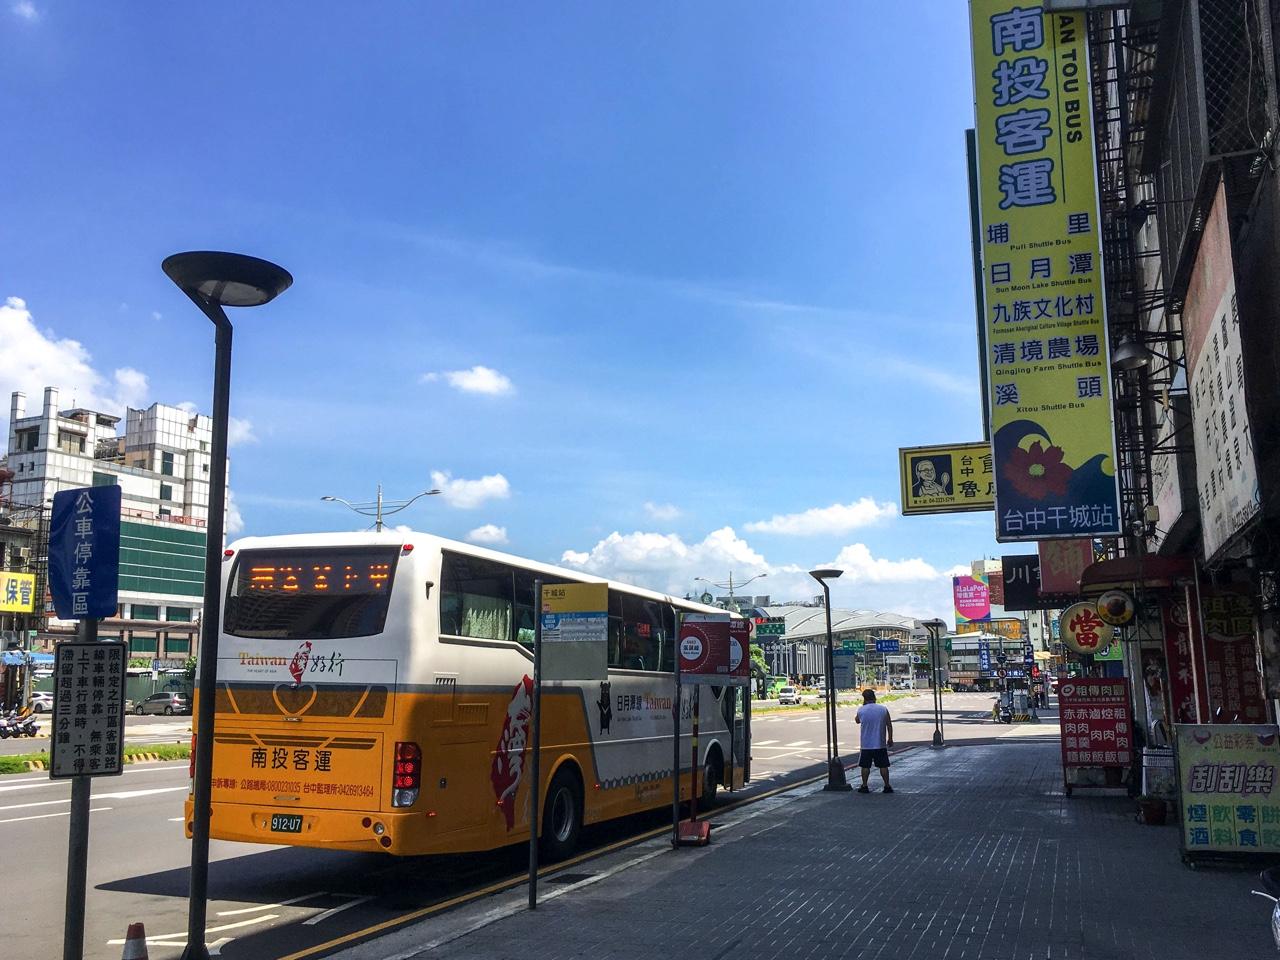 バス停干城站(雙十路)